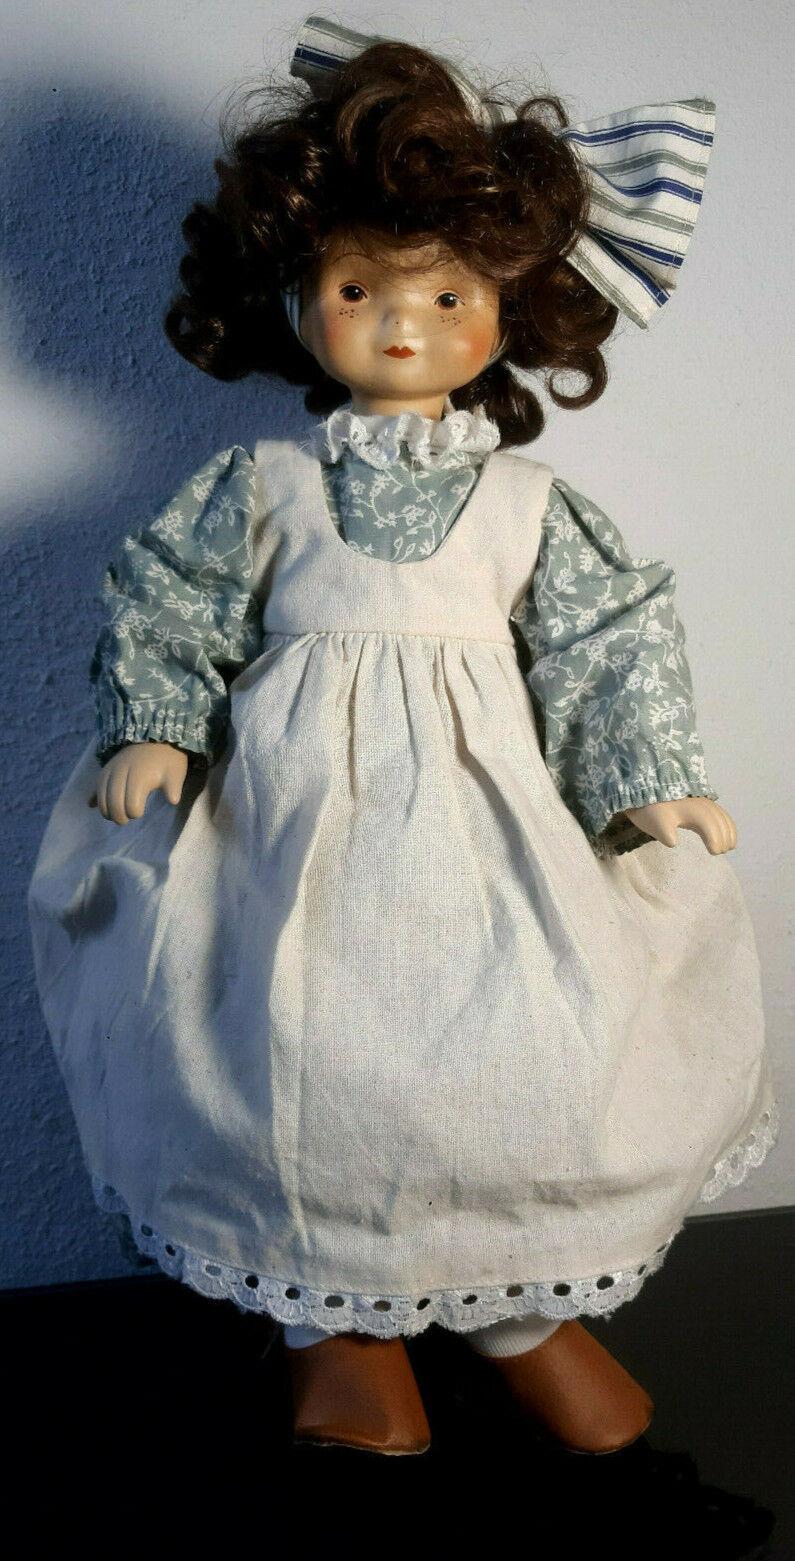 Porzellan / Keramik Puppe 40 cm aus den 90ern braune Augen braune Haare